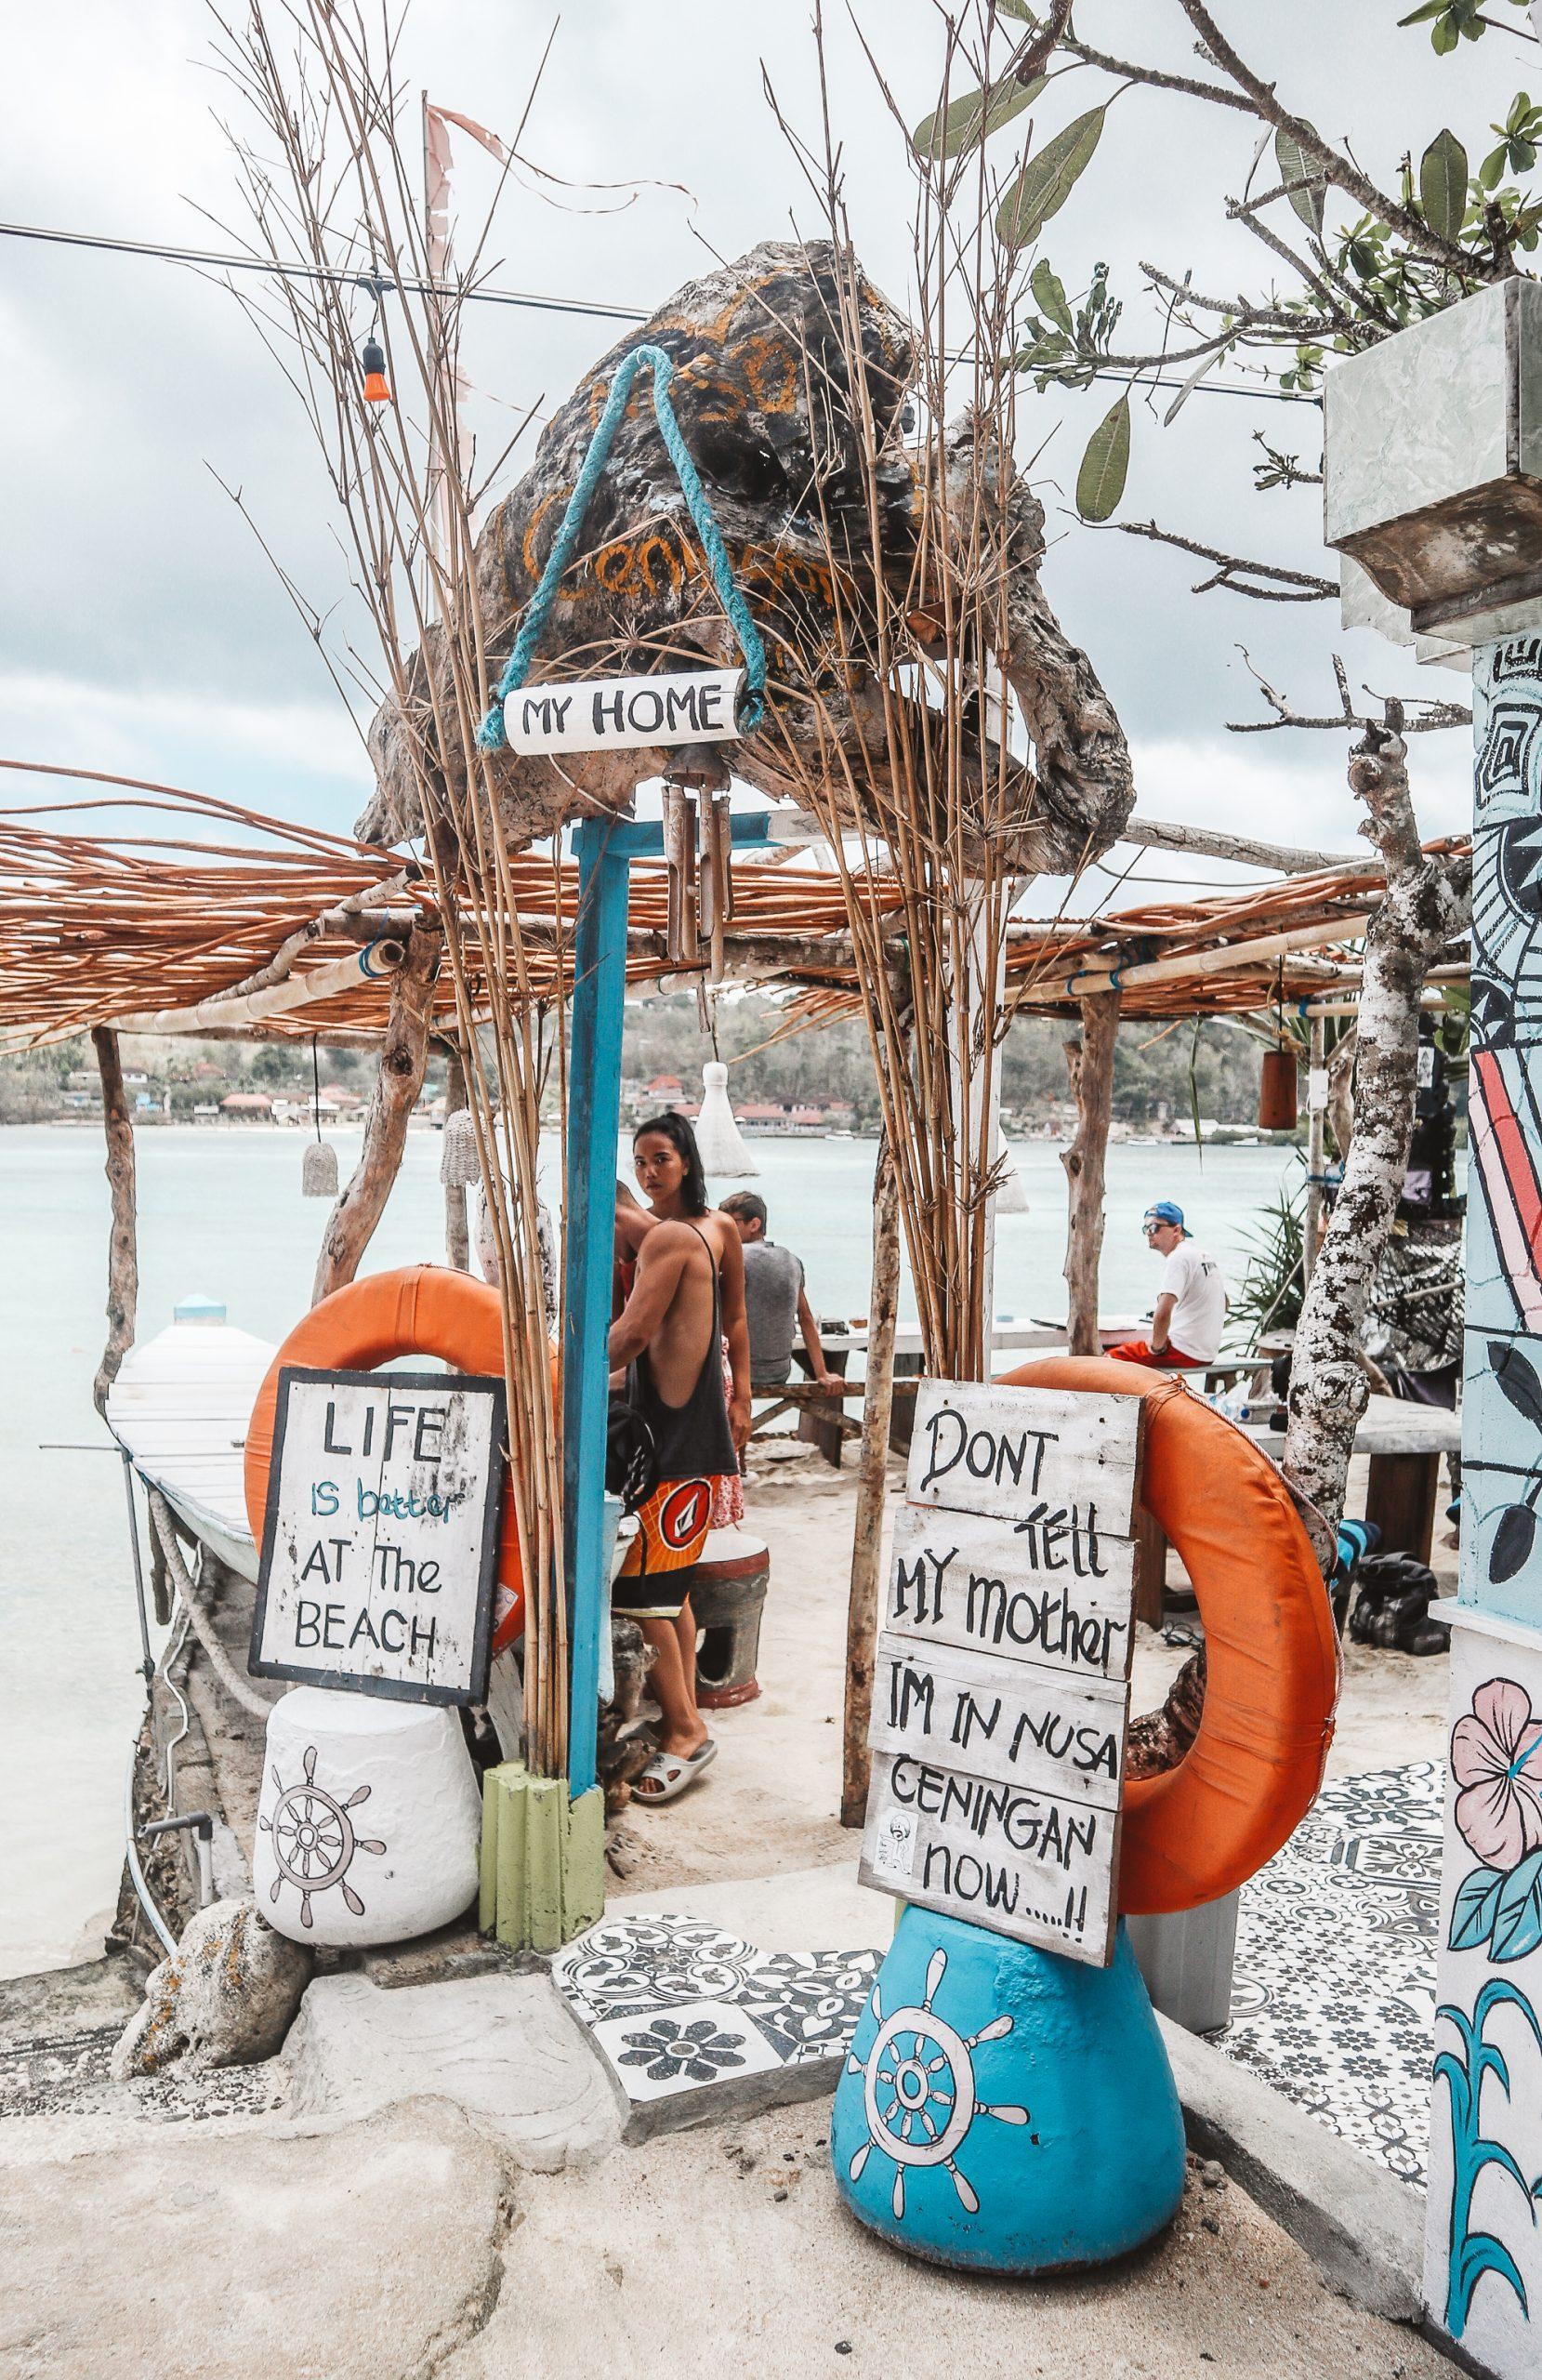 Sea Breeze, Warung, Nusa Ceningan